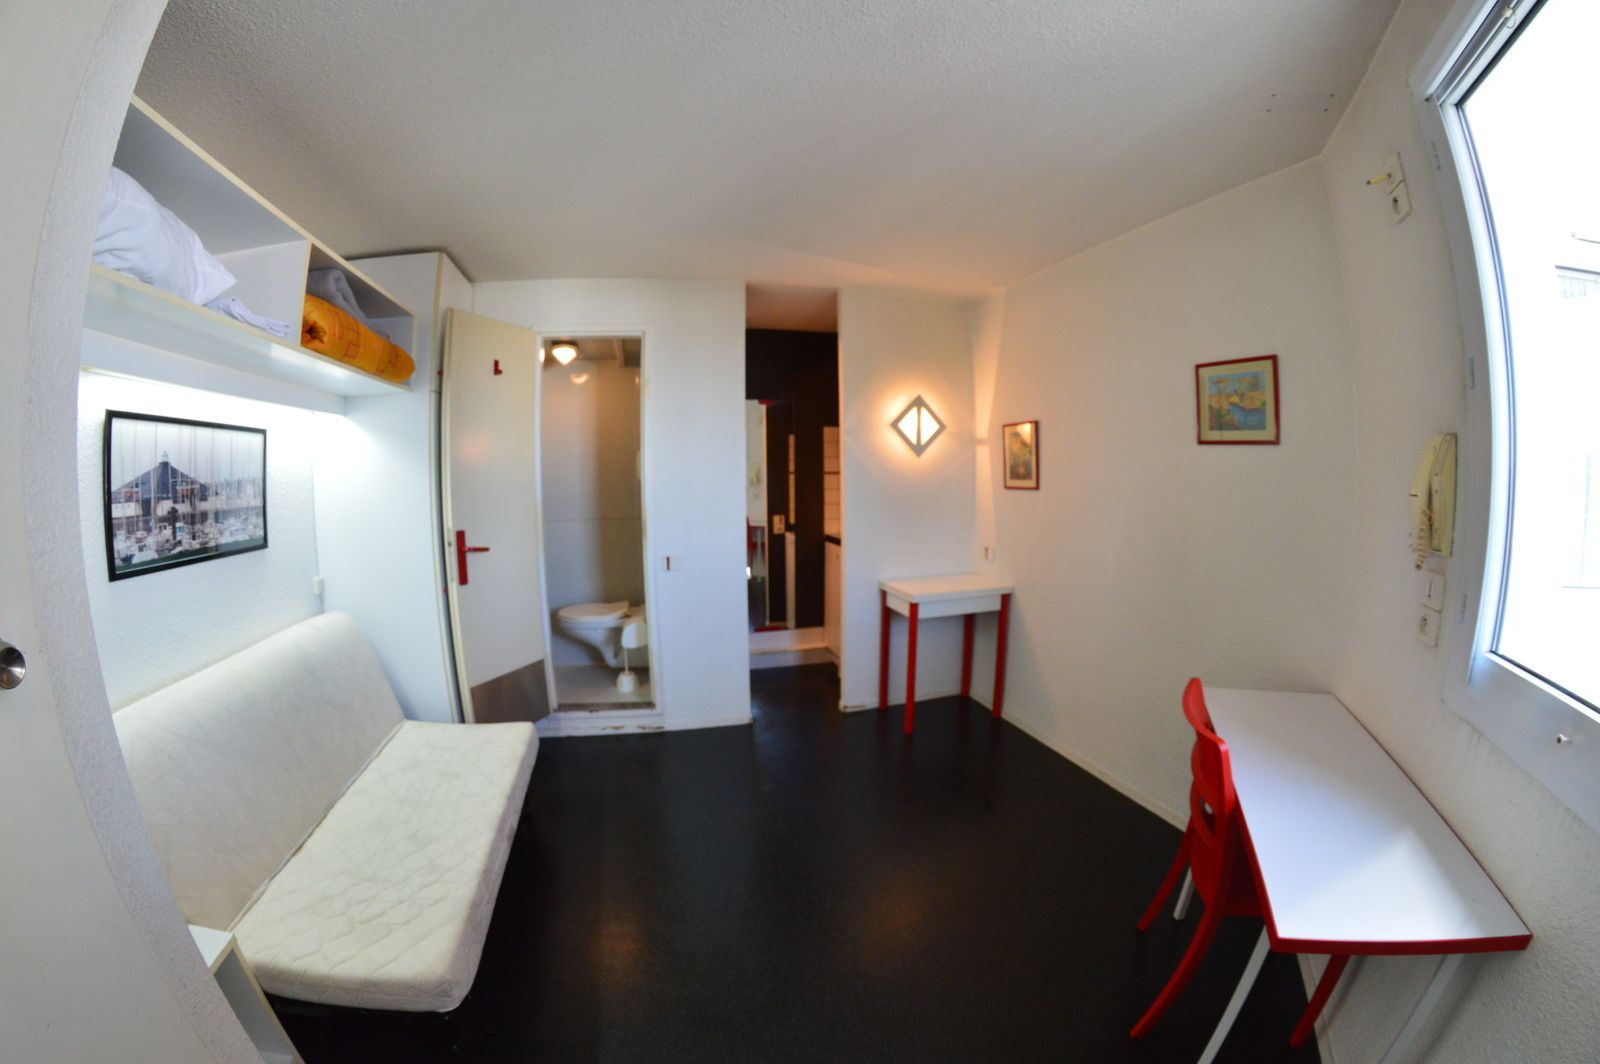 studio meubl nantes est disponible de suite les studios bleus location de studios meubl s. Black Bedroom Furniture Sets. Home Design Ideas